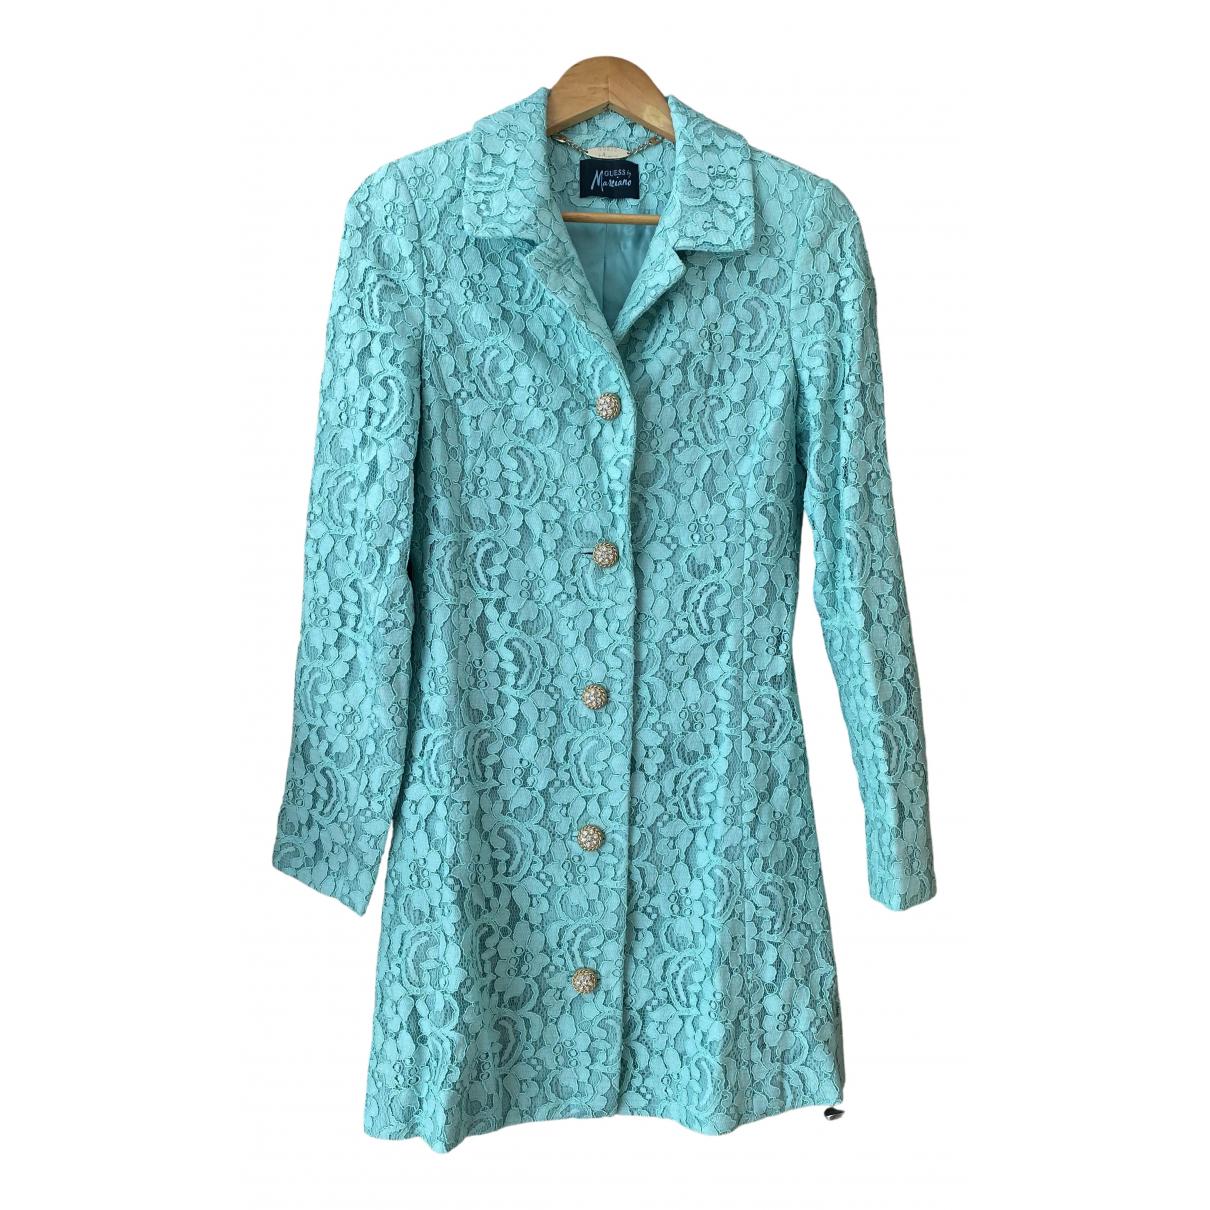 Guess - Manteau   pour femme - turquoise